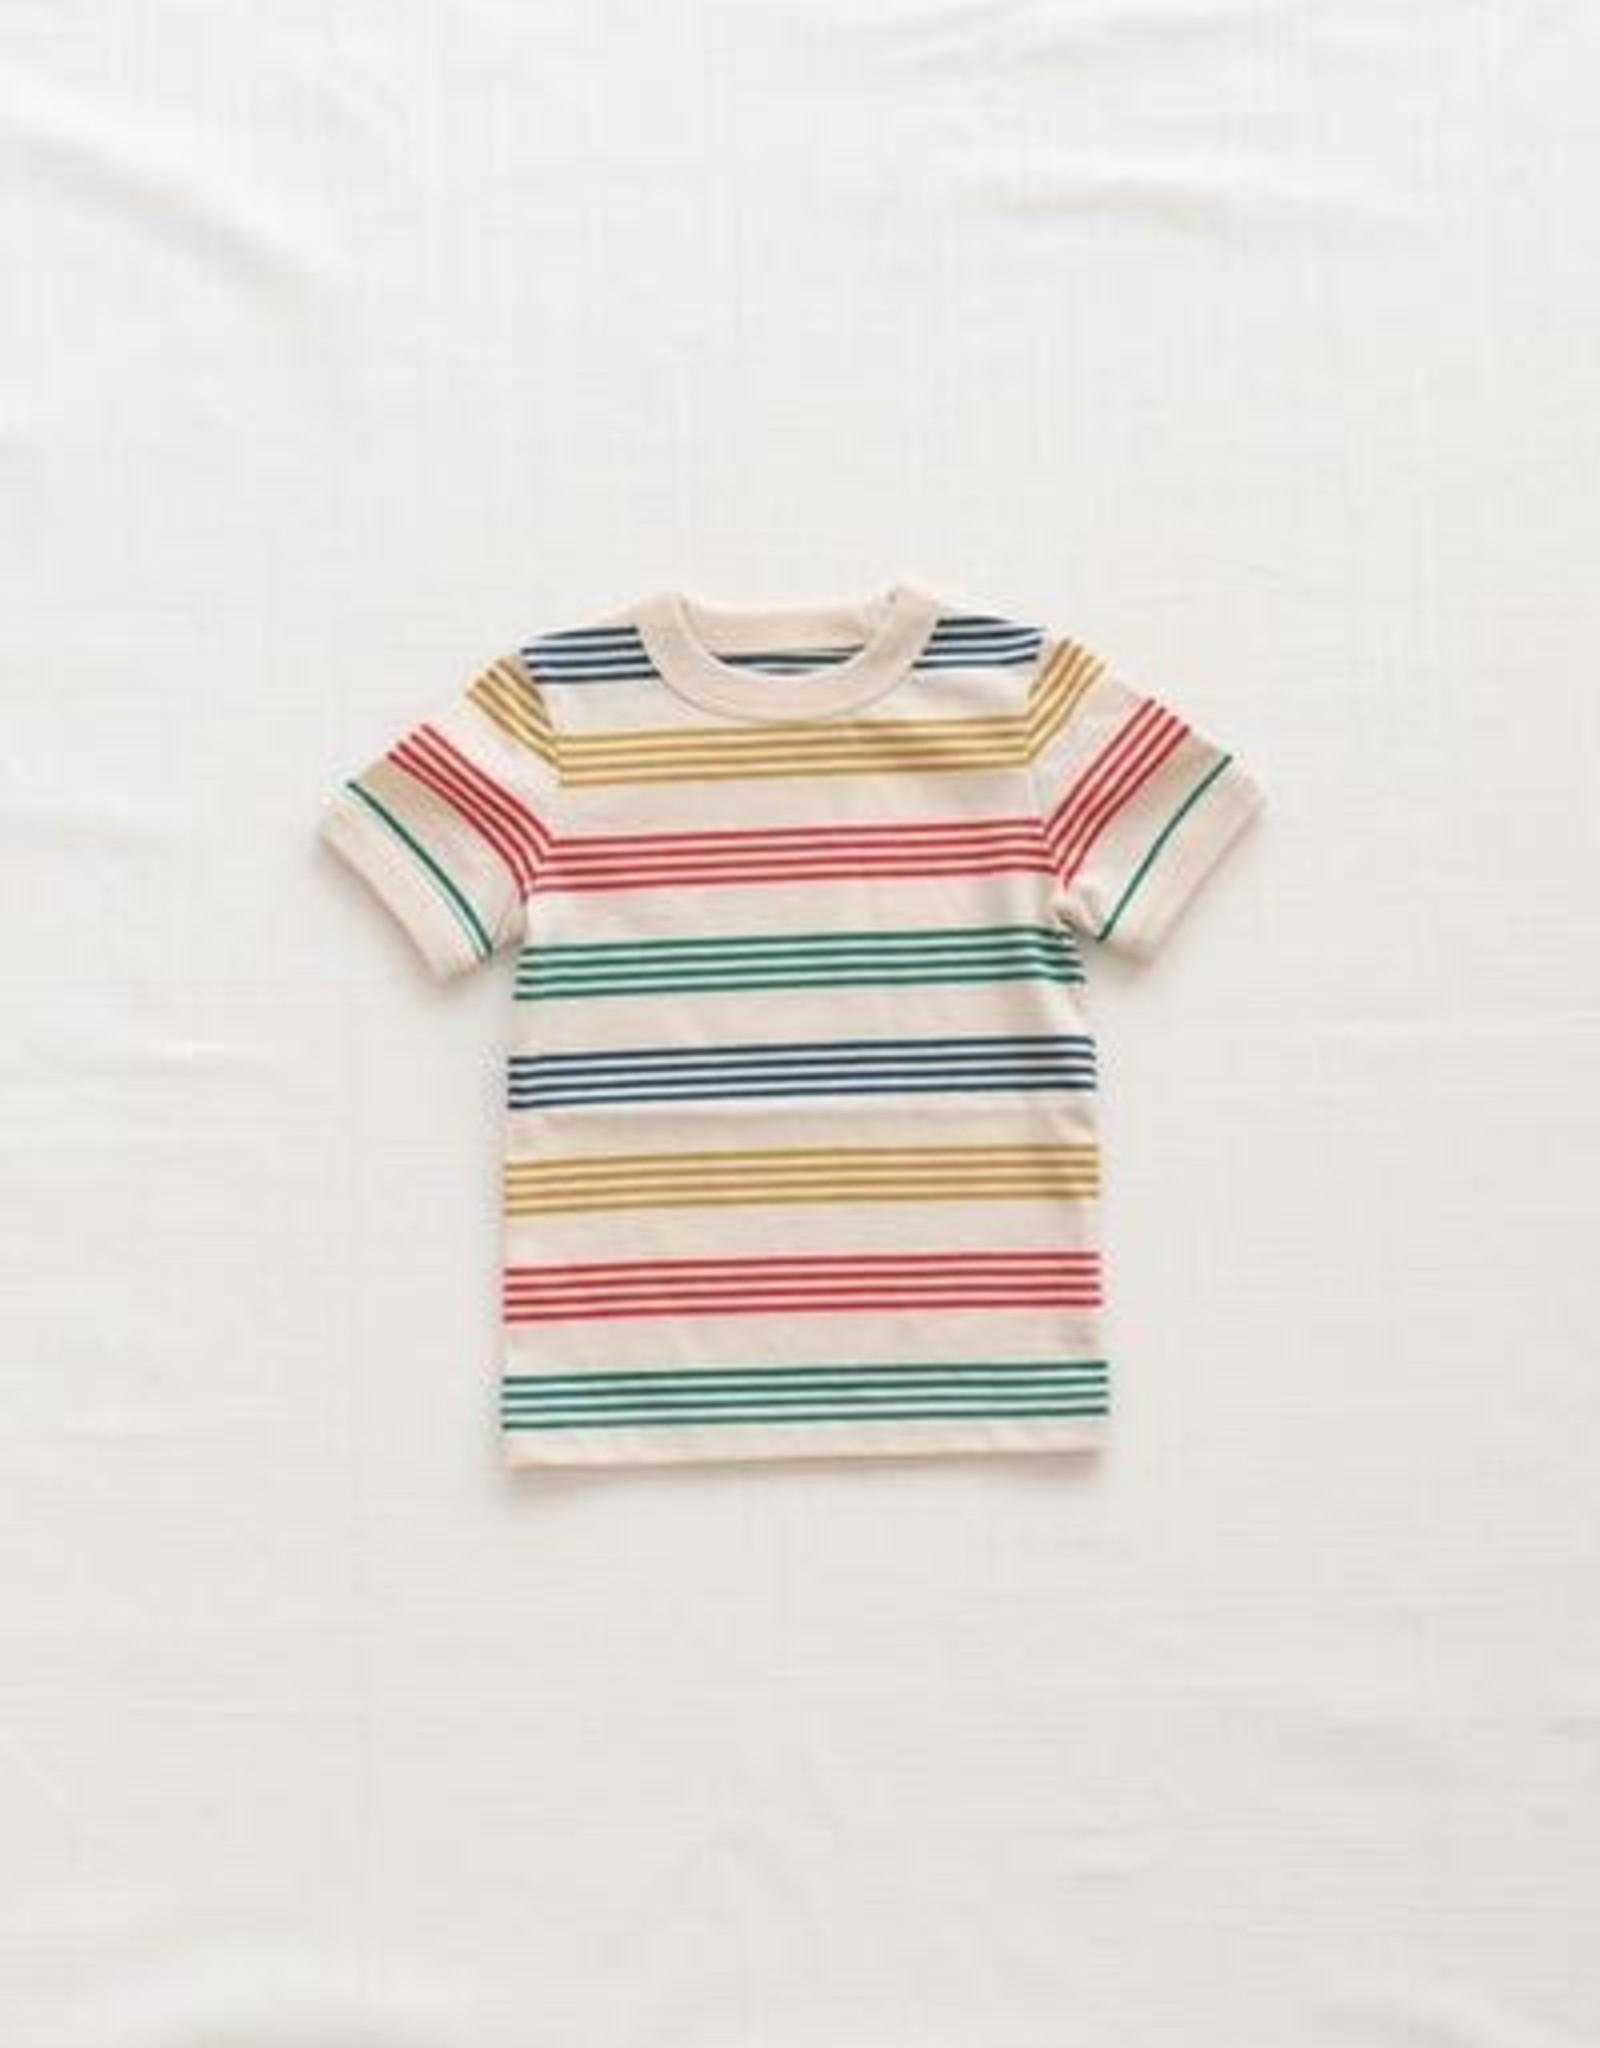 Fin & Vince Vintage Tee - Rainbow Stripes